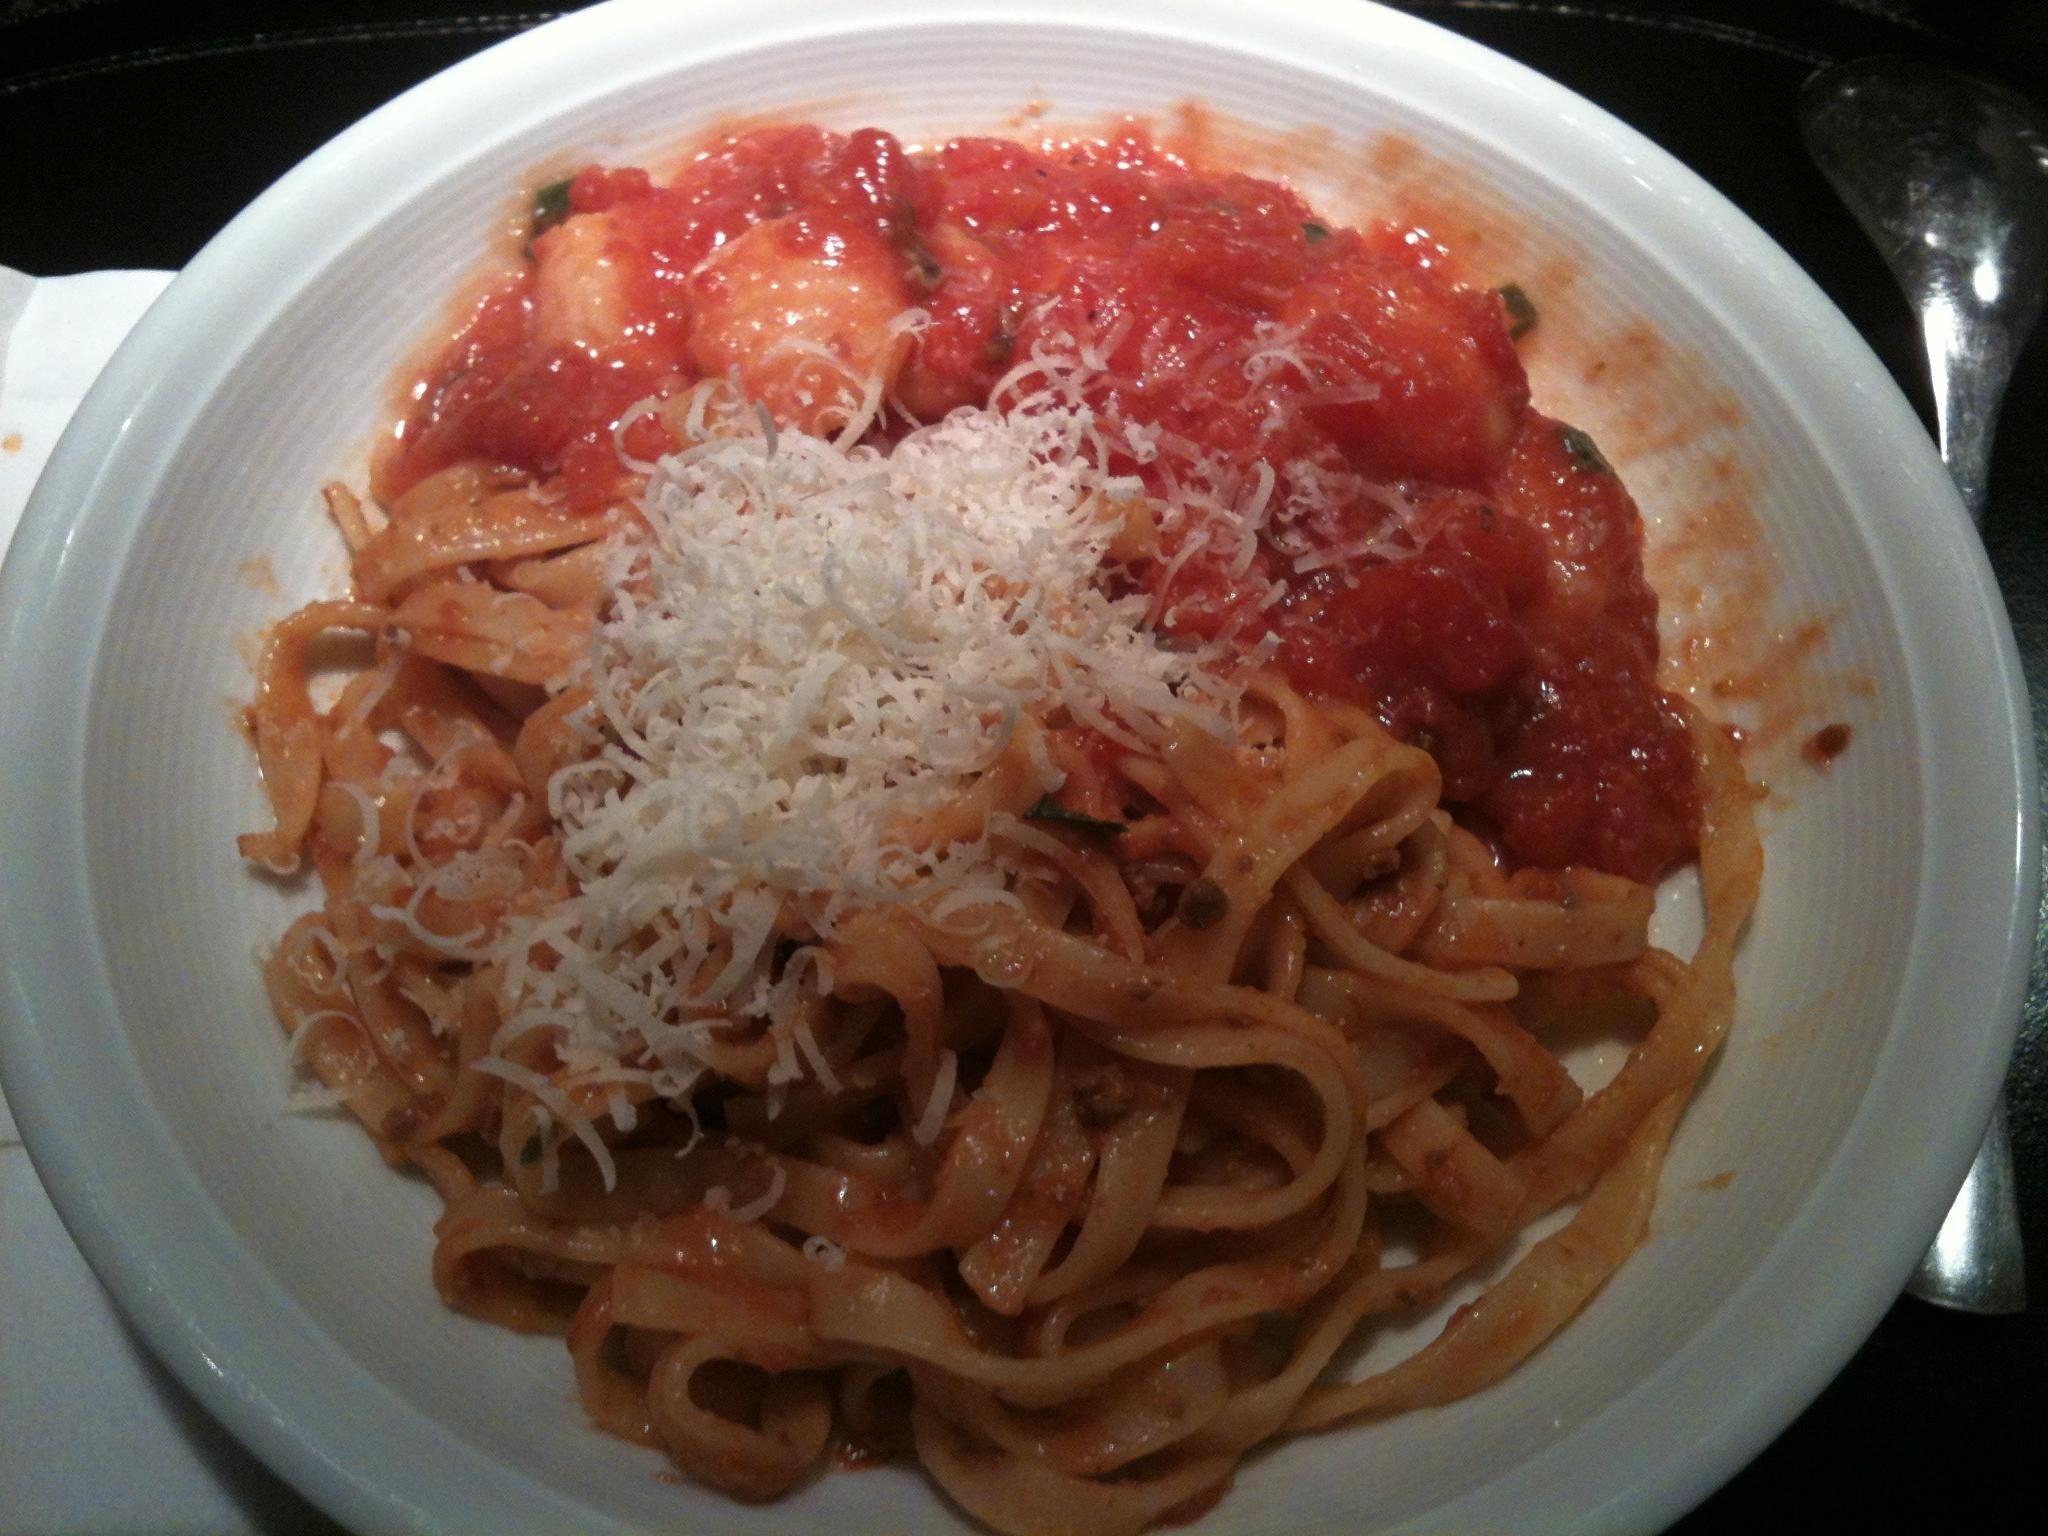 https://foodloader.net/nico_2012-11-10_tagliatelle-mit-wildschwein-ragout-sauce-und-gnocchi-mit-tomatensauce.jpg